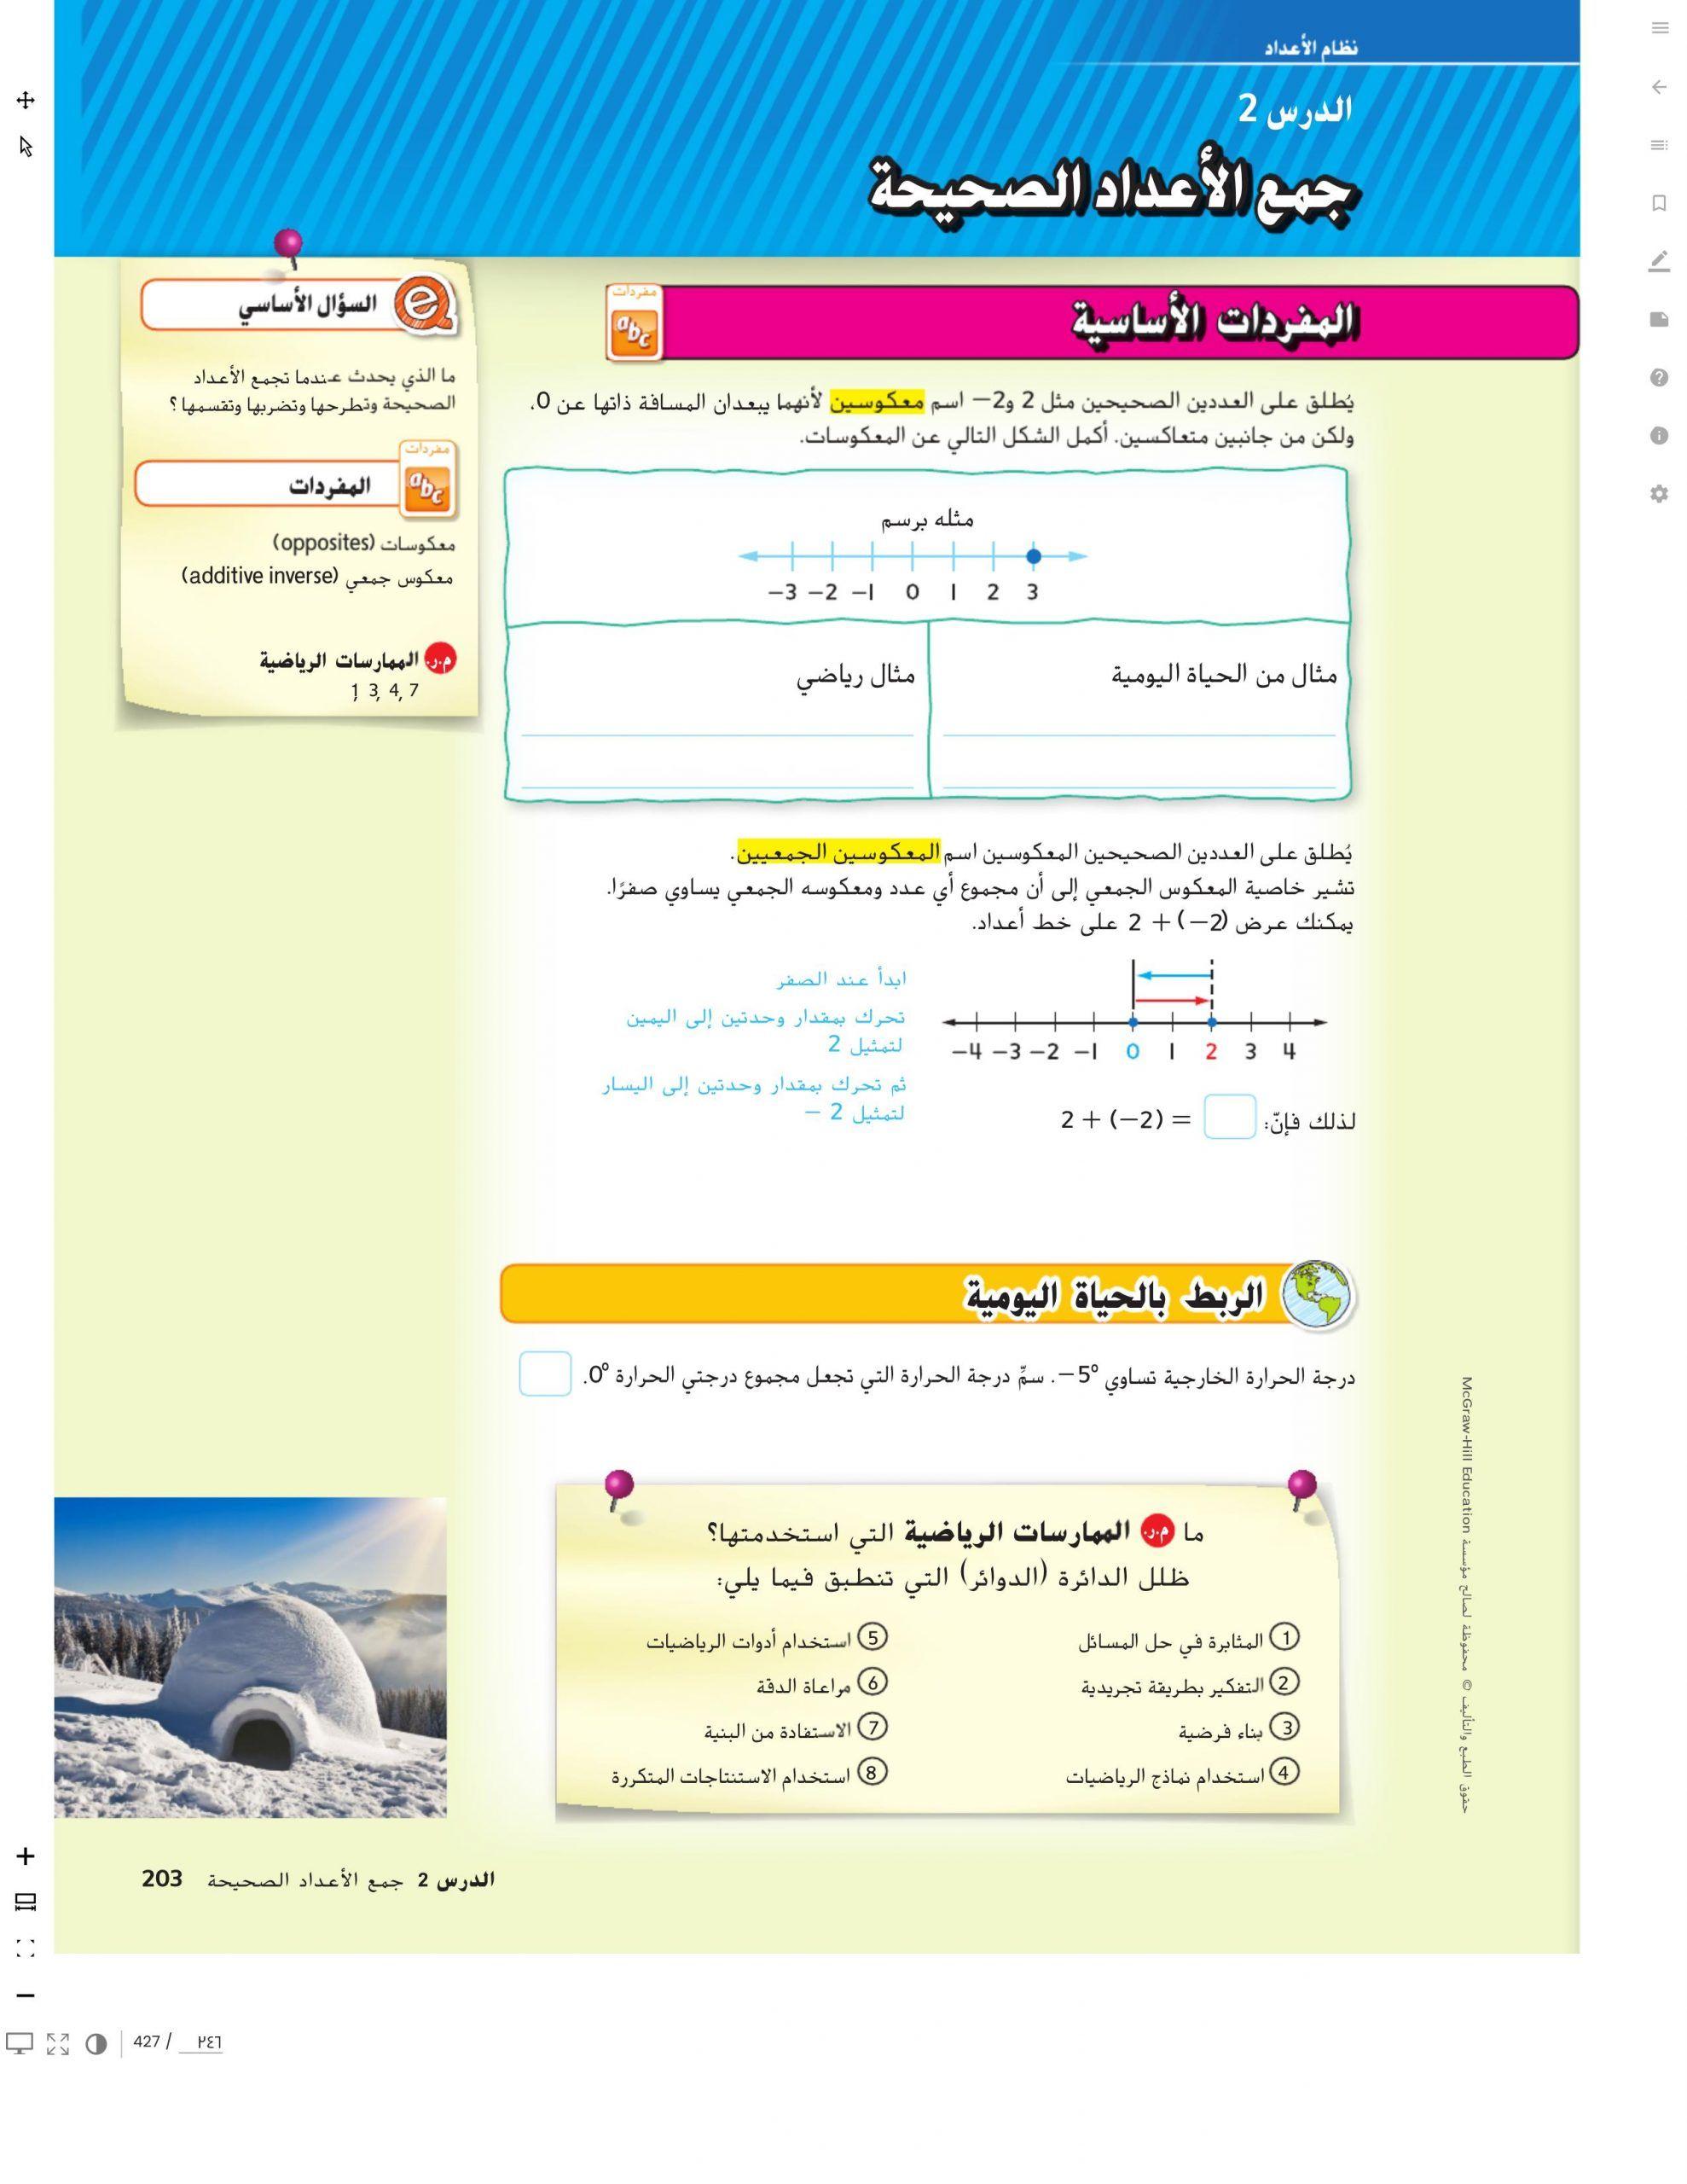 درس جمع الاعداد الصحيحة مع الاجابات للصف السابع مادة الرياضيات المتكاملة Opposites Map Map Screenshot